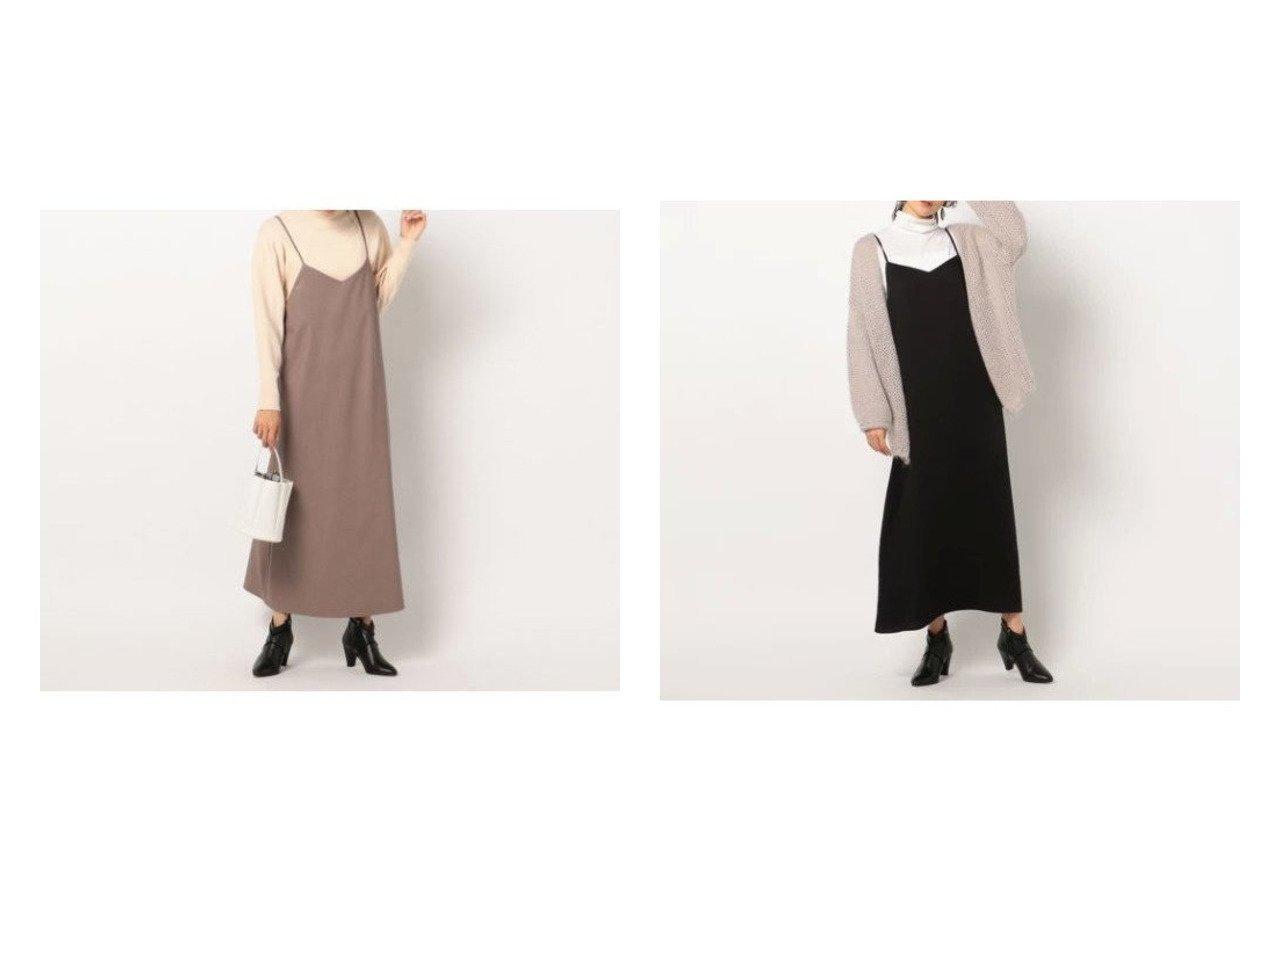 【NOLLEY'S/ノーリーズ】のサテンキャミワンピース&合皮キャミソールワンピース[NOLLEY S collet] ワンピース・ドレスのおすすめ!人気、レディースファッションの通販 おすすめで人気のファッション通販商品 インテリア・家具・キッズファッション・メンズファッション・レディースファッション・服の通販 founy(ファニー) https://founy.com/ ファッション Fashion レディース WOMEN トップス Tops Tshirt キャミソール / ノースリーブ No Sleeves シャツ/ブラウス Shirts Blouses ワンピース Dress シャツワンピース Shirt Dresses キャミワンピース No Sleeve Dresses キャミソール シンプル ストレート トレンド ノースリーブ フェミニン ラップ リボン カーディガン サテン |ID:crp329100000002945